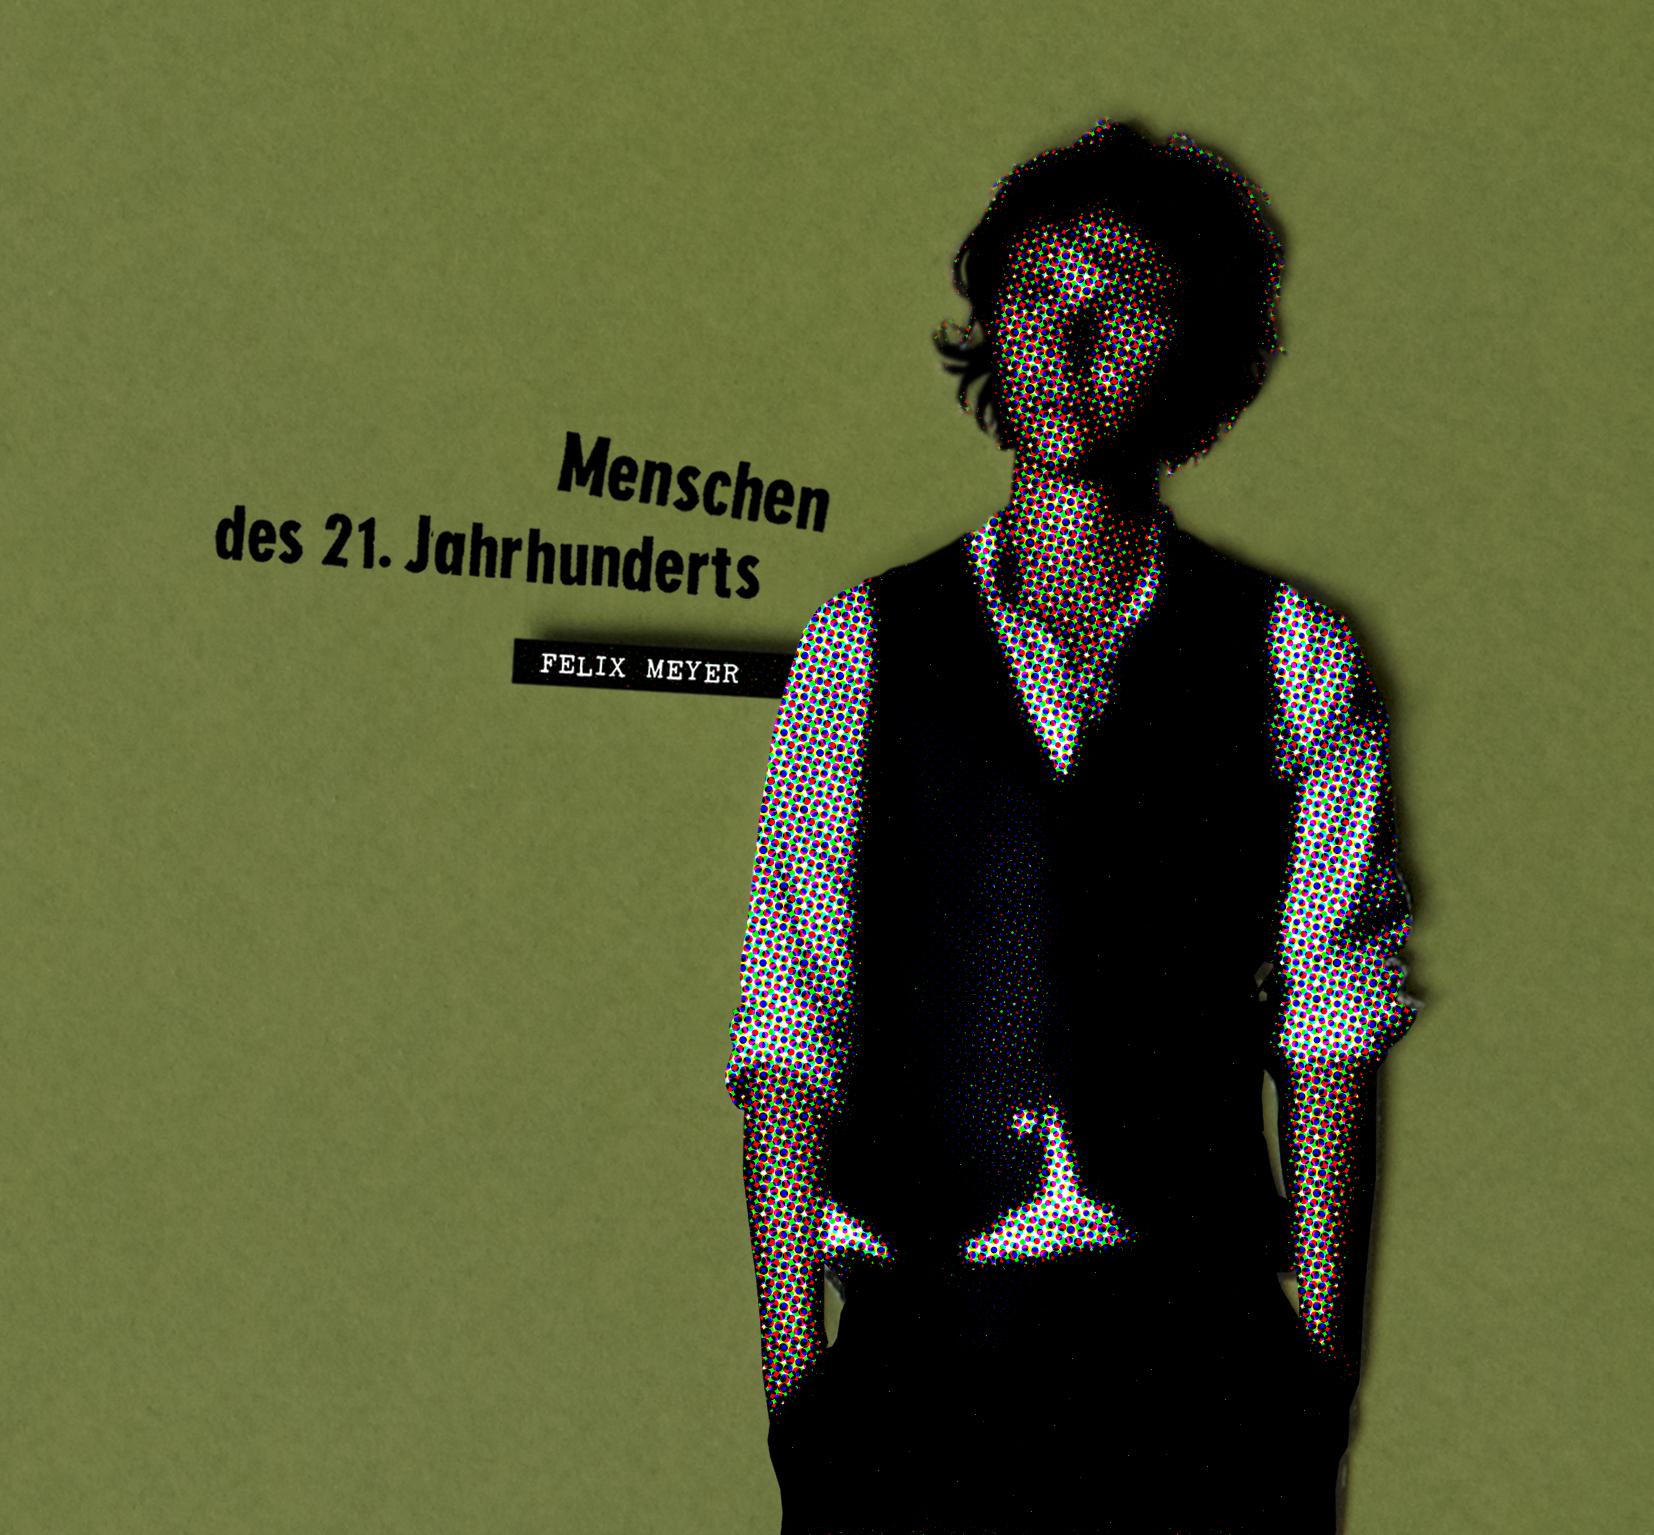 Felix meyer started zweite h lfte der menschen des 21 - Beruhmte architekten des 21 jahrhunderts ...